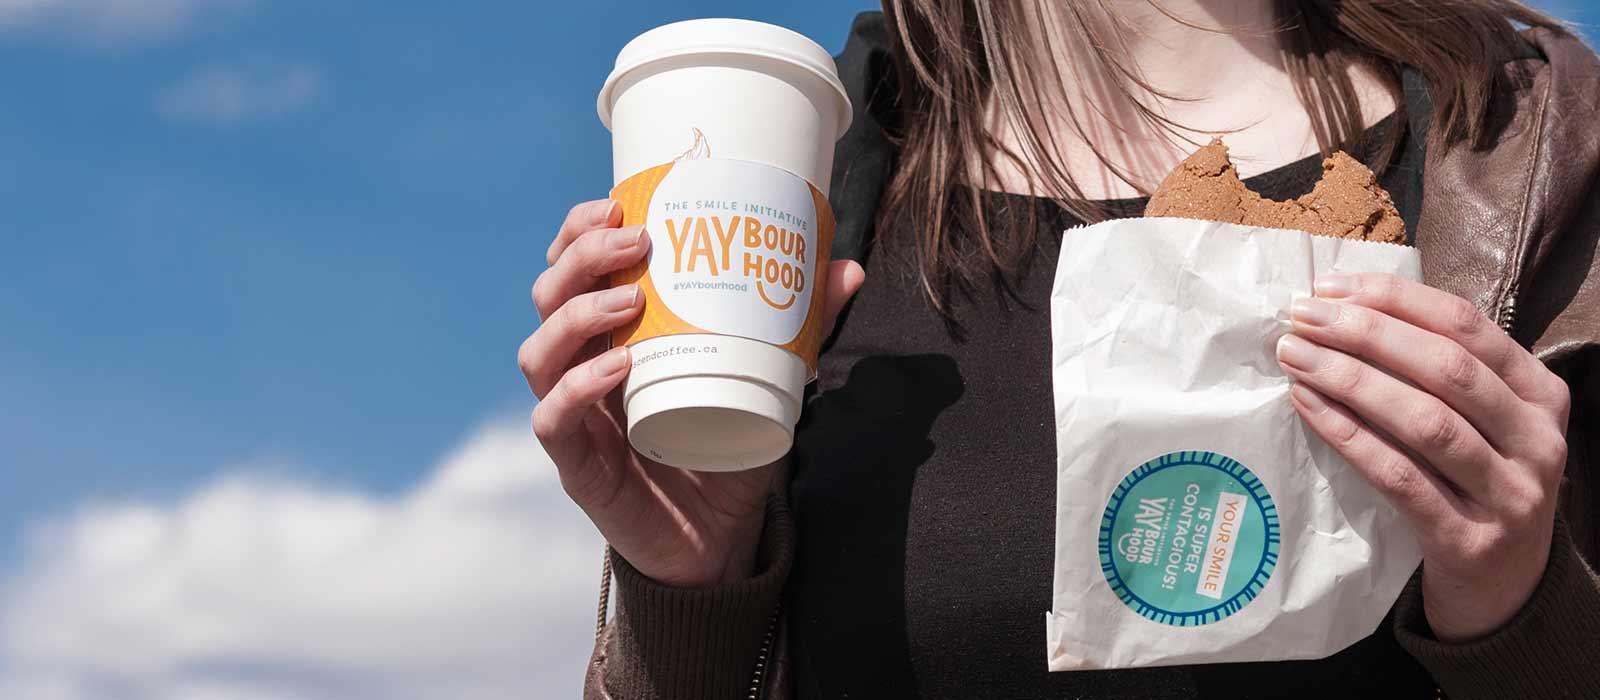 YAYbourhood Coffee and Cookies